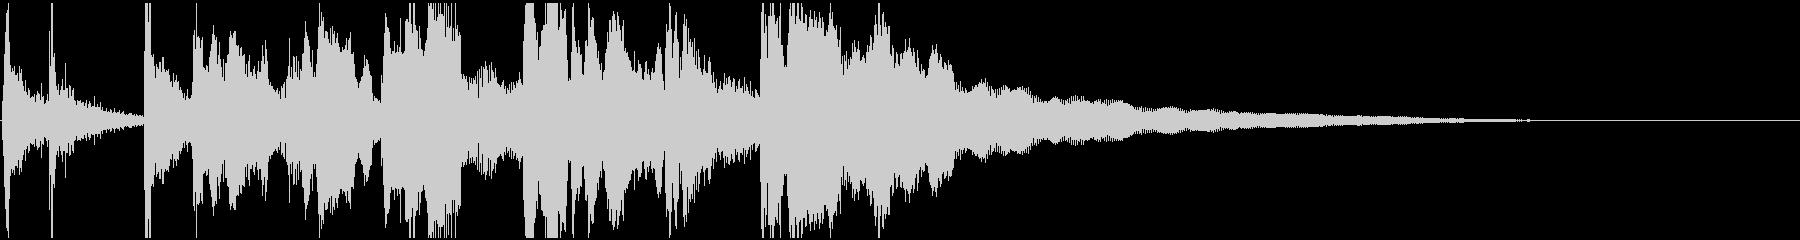 和風、笛と太鼓の囃子風ジングル2の未再生の波形